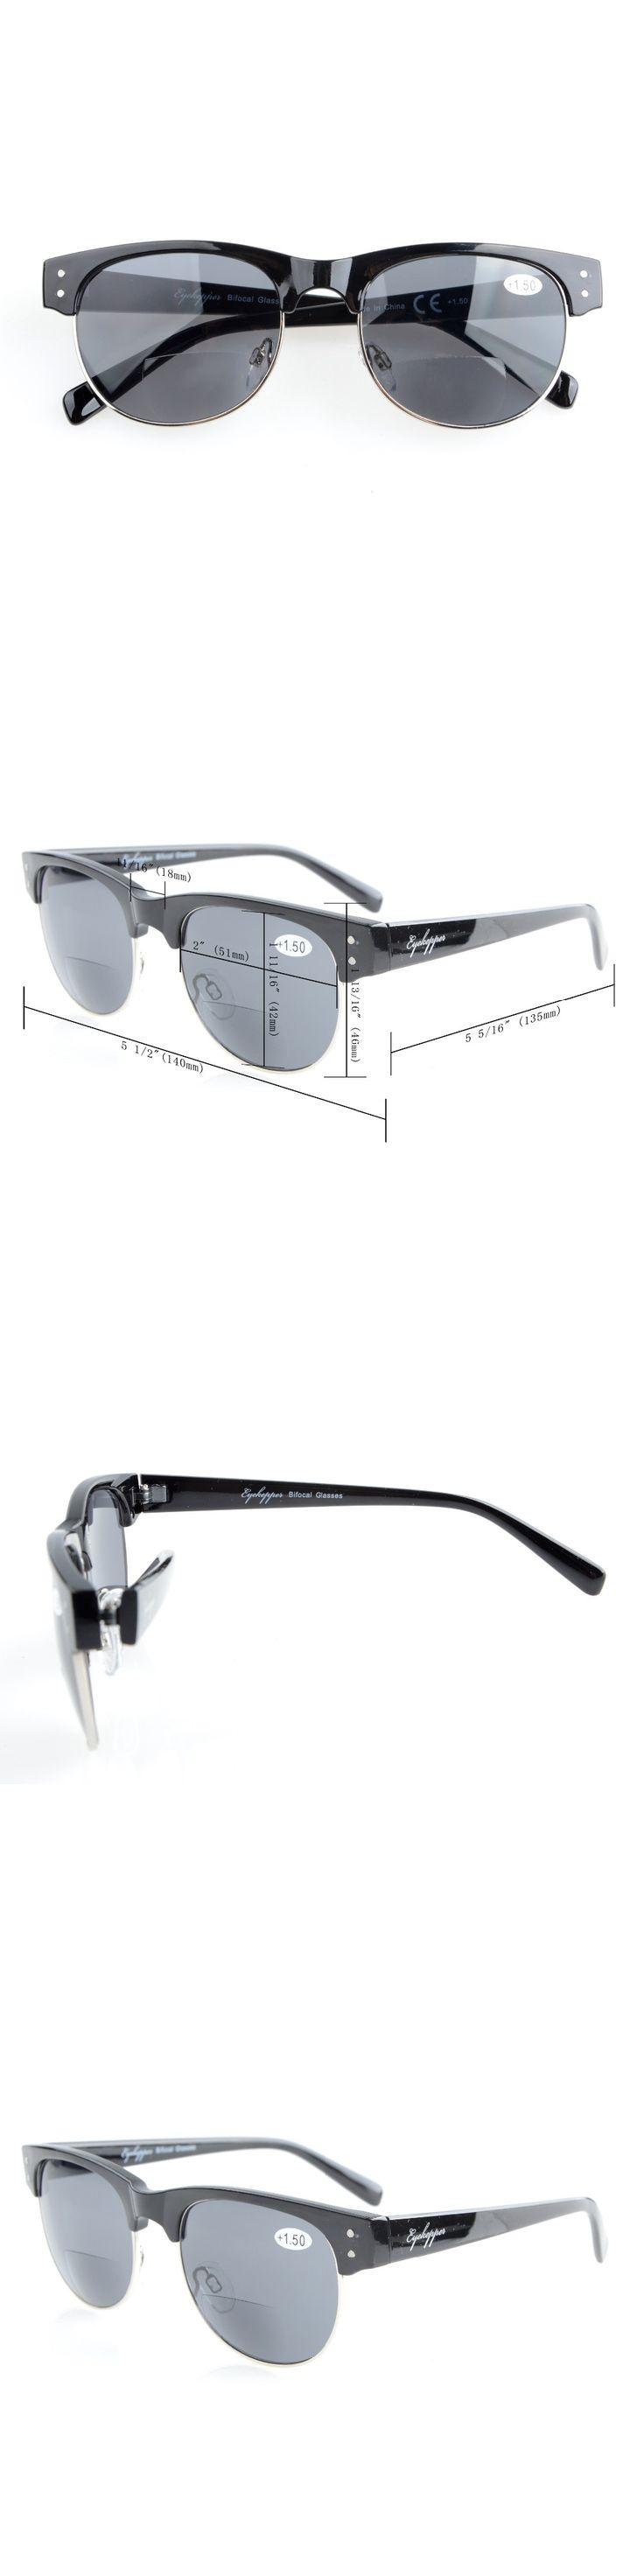 best 25+ bifocal sunglasses ideas on pinterest   women's optical